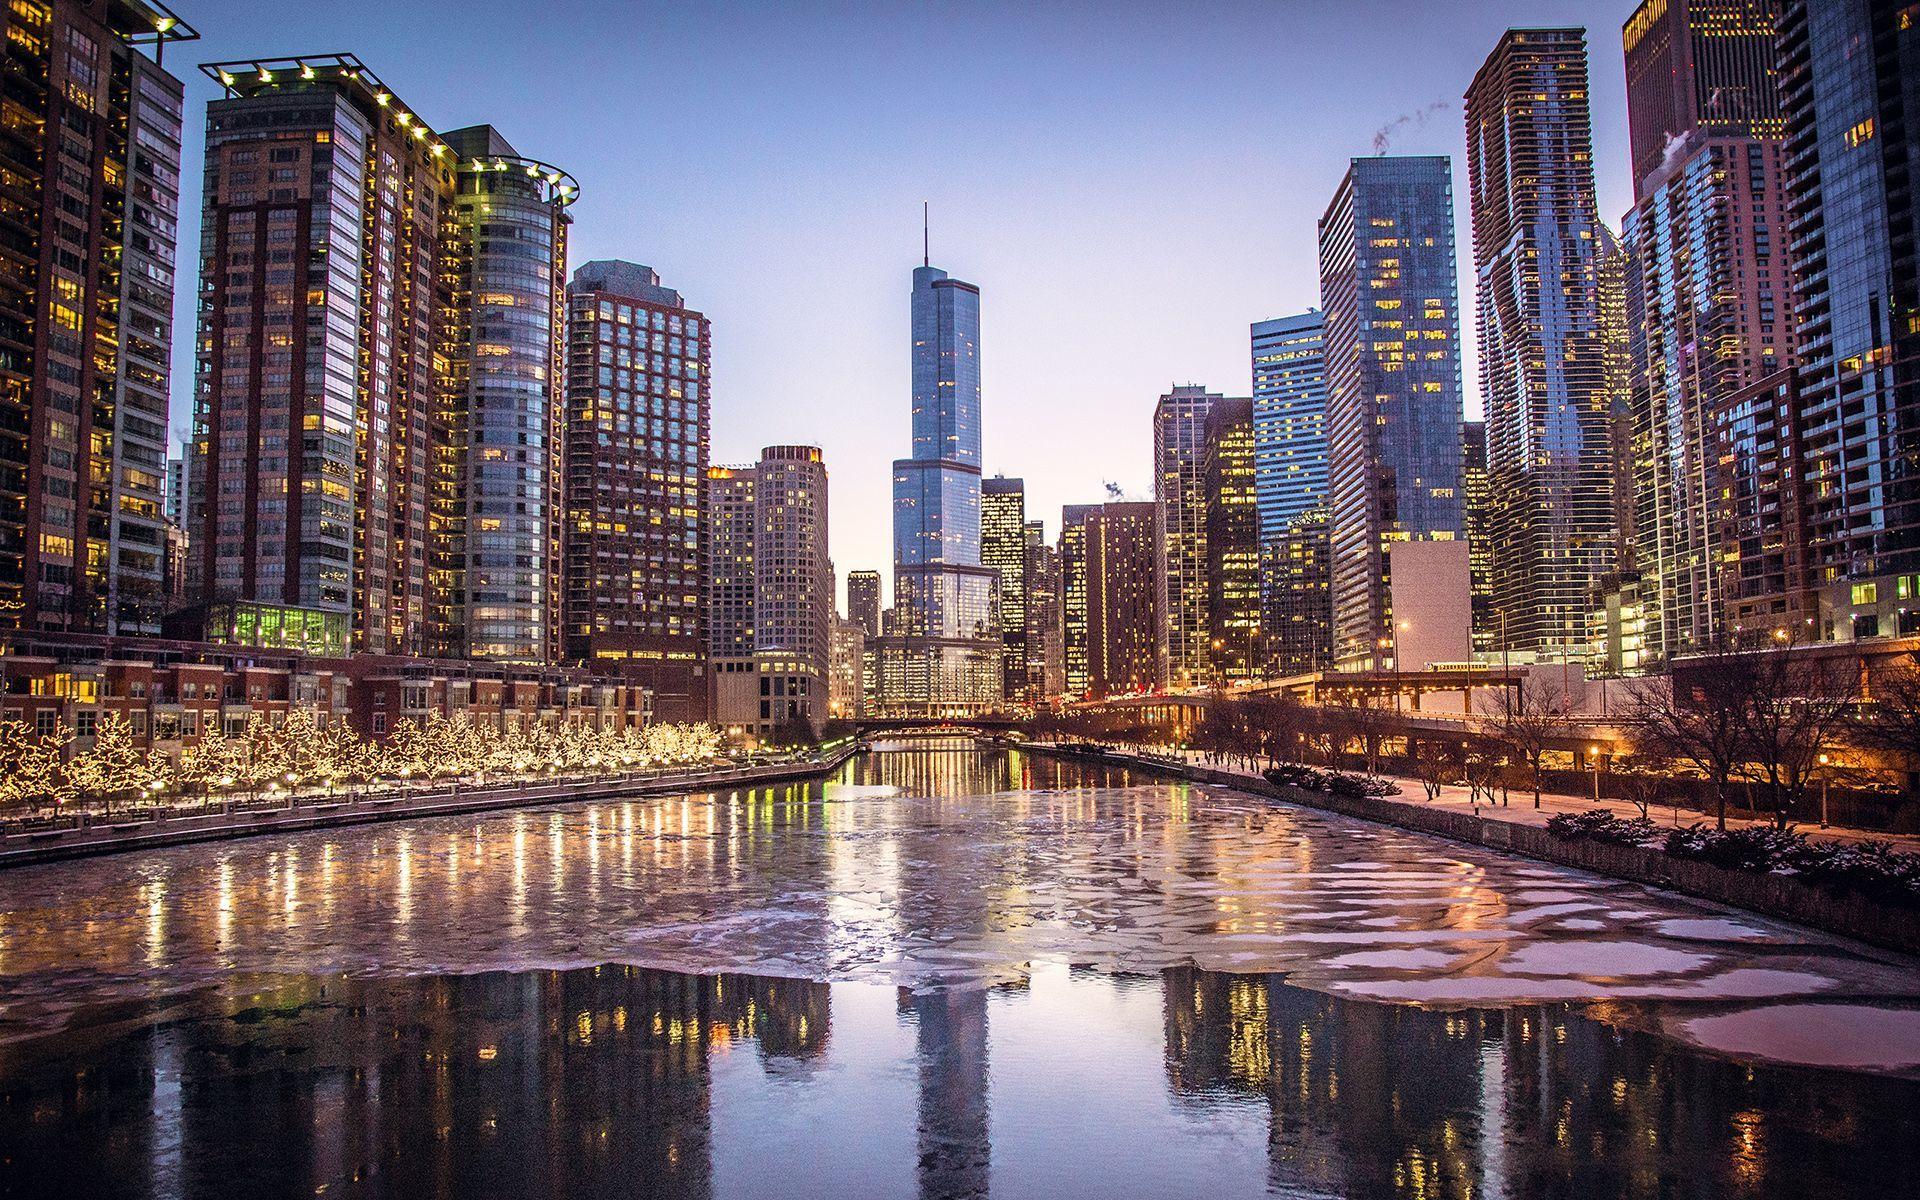 Ночной порт в Чикаго  № 3504438 загрузить